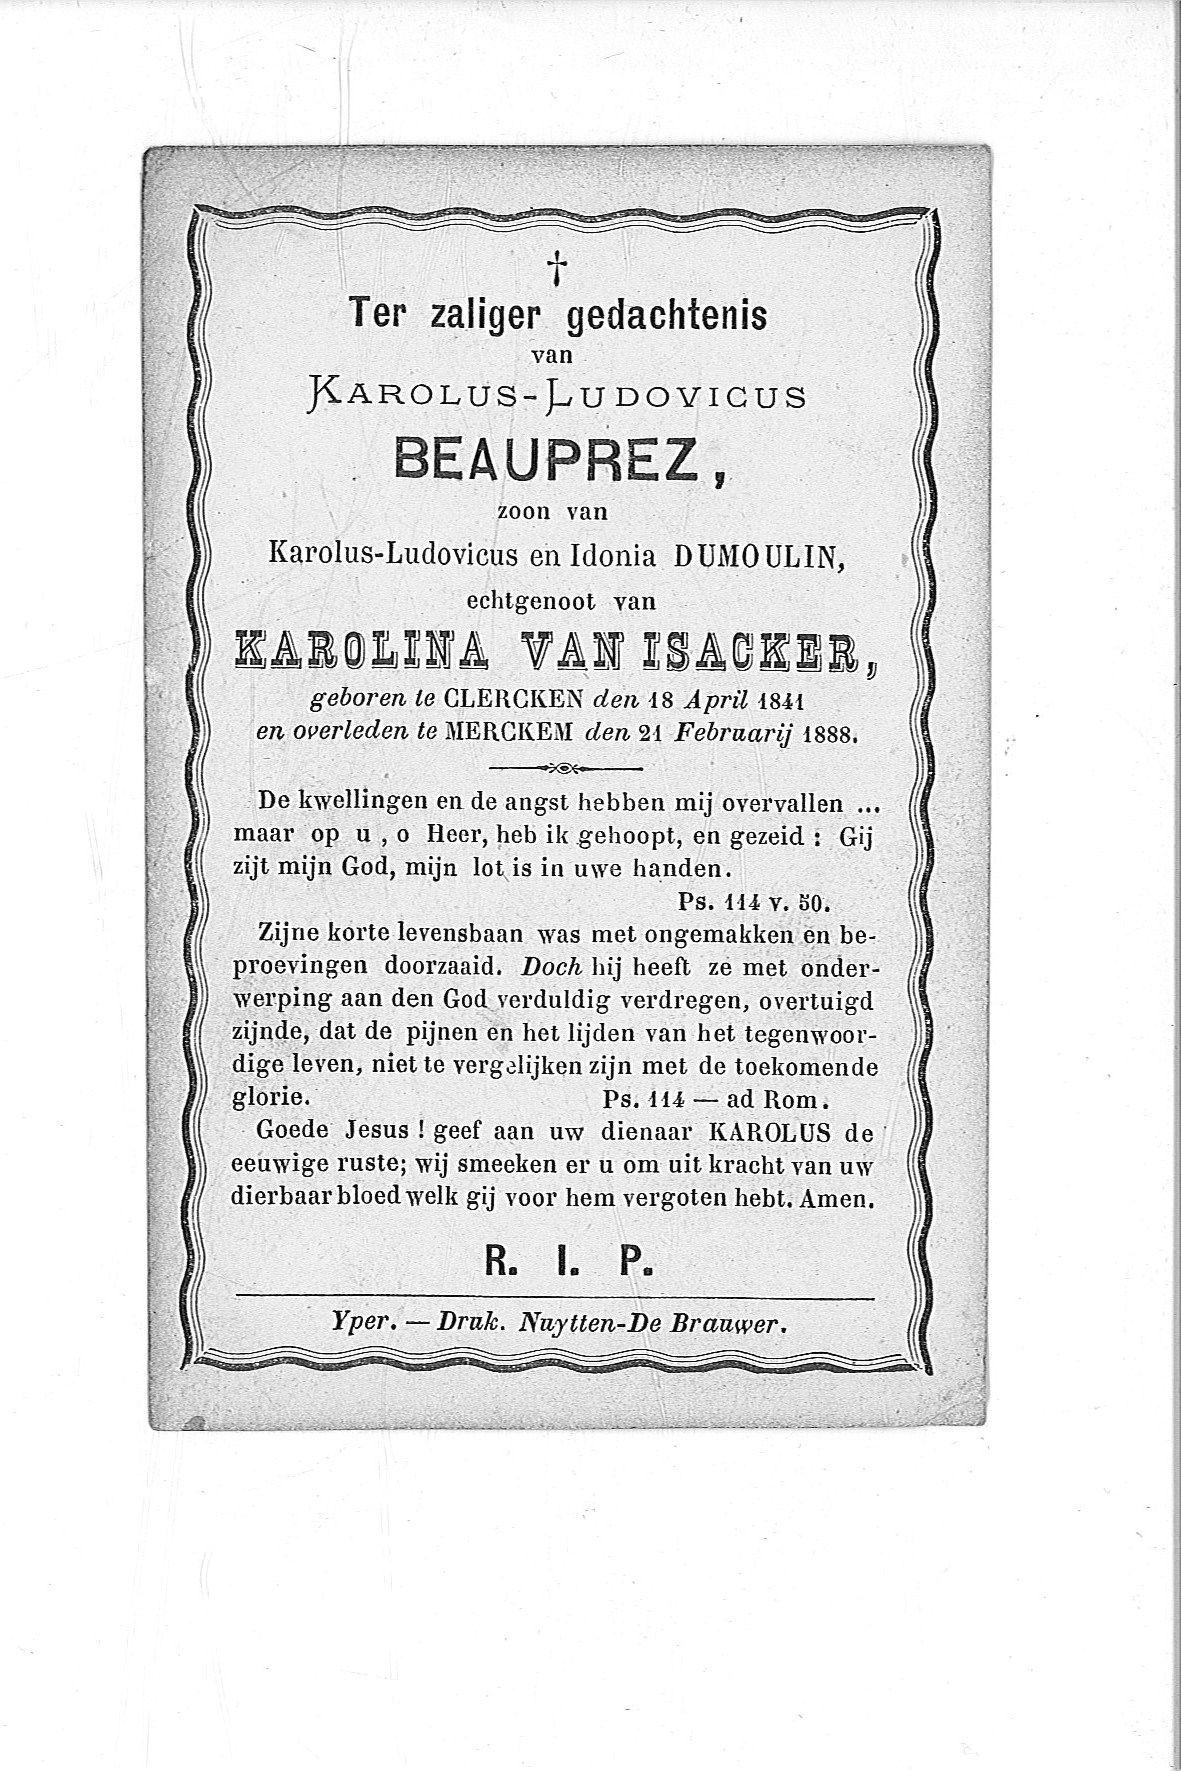 Karolus-Ludovicus(1889)20090806155105_00037.jpg